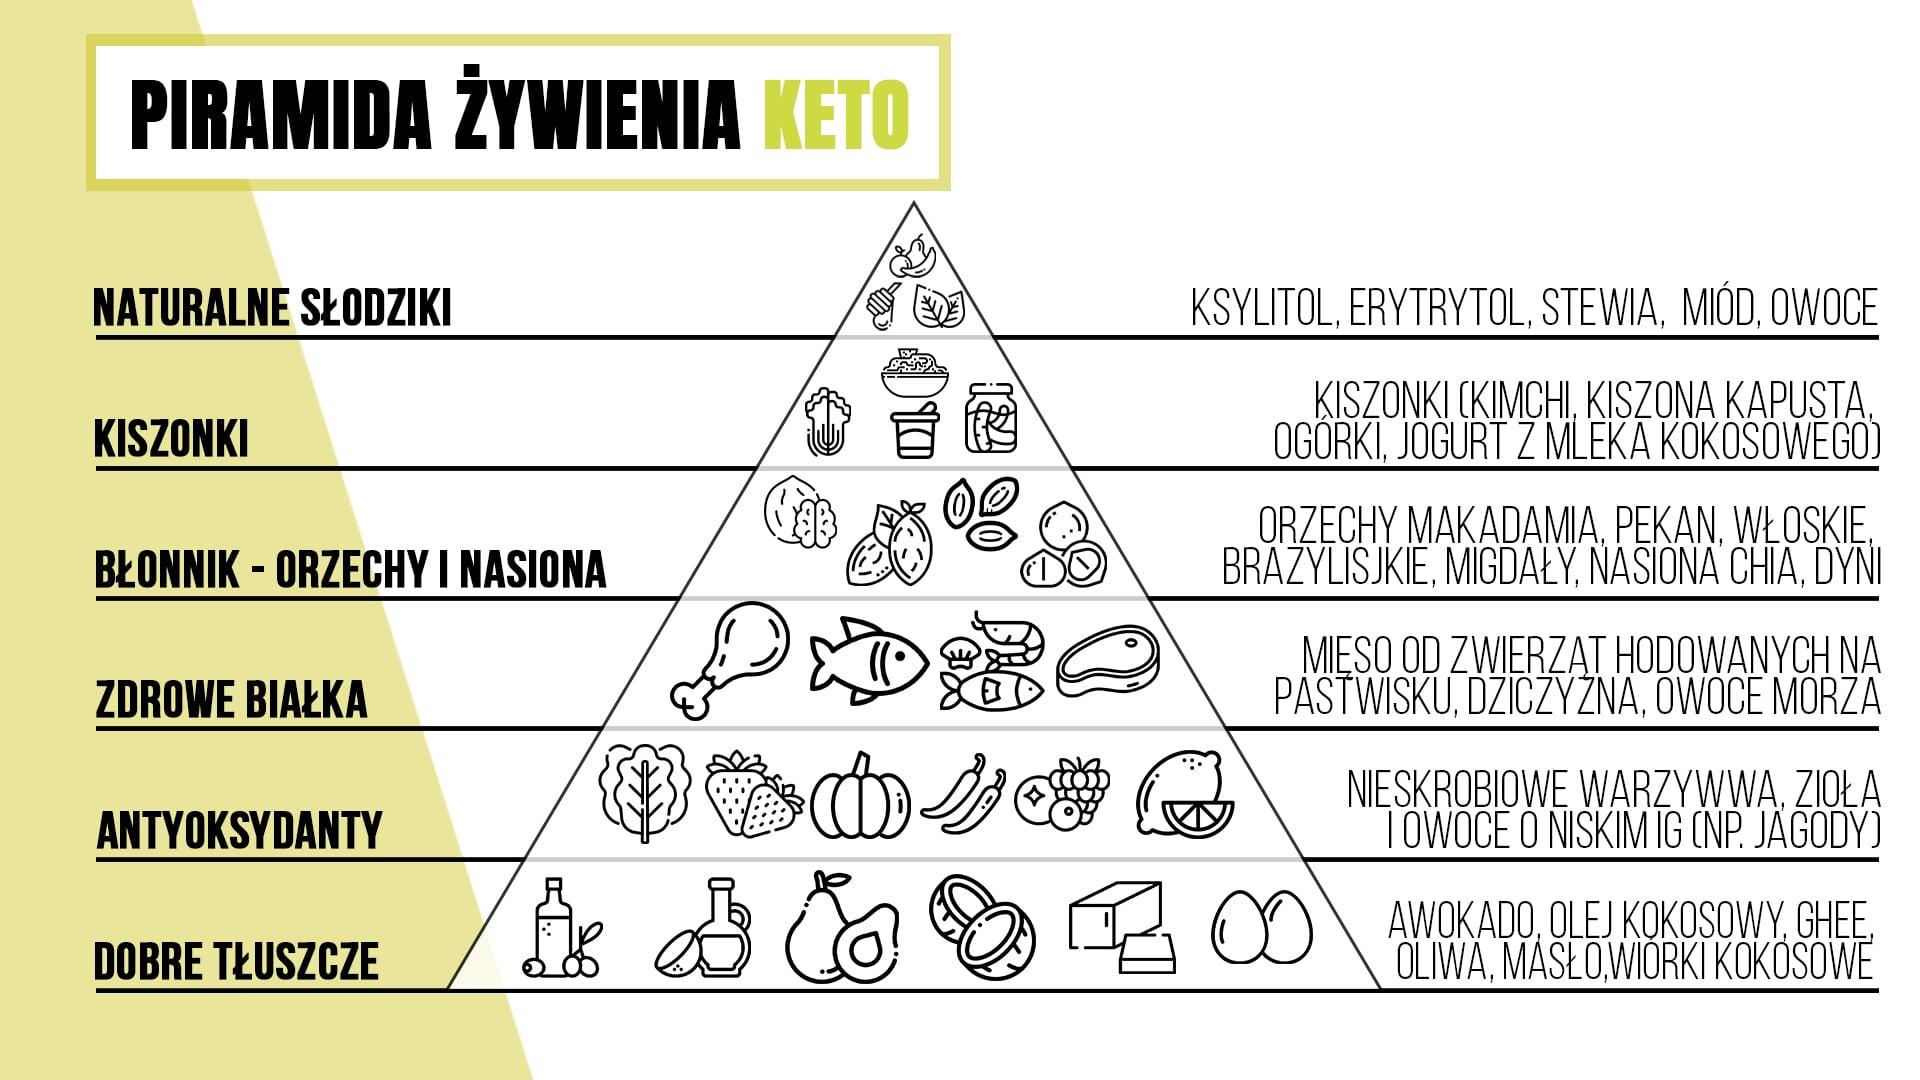 piramida ketonowa